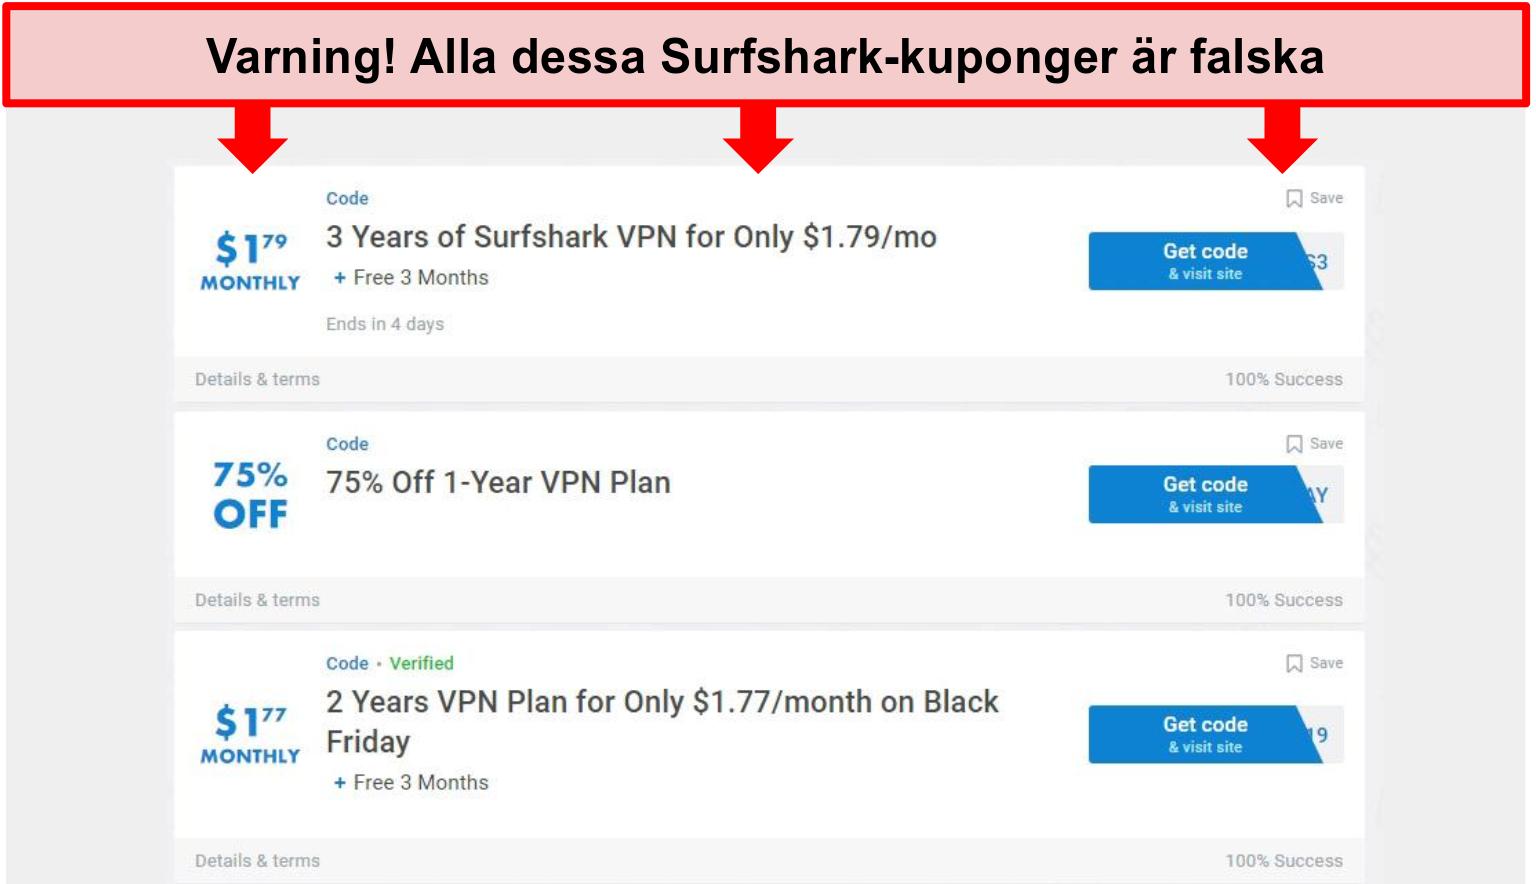 Skärmdump av falska Surfshark-kuponger